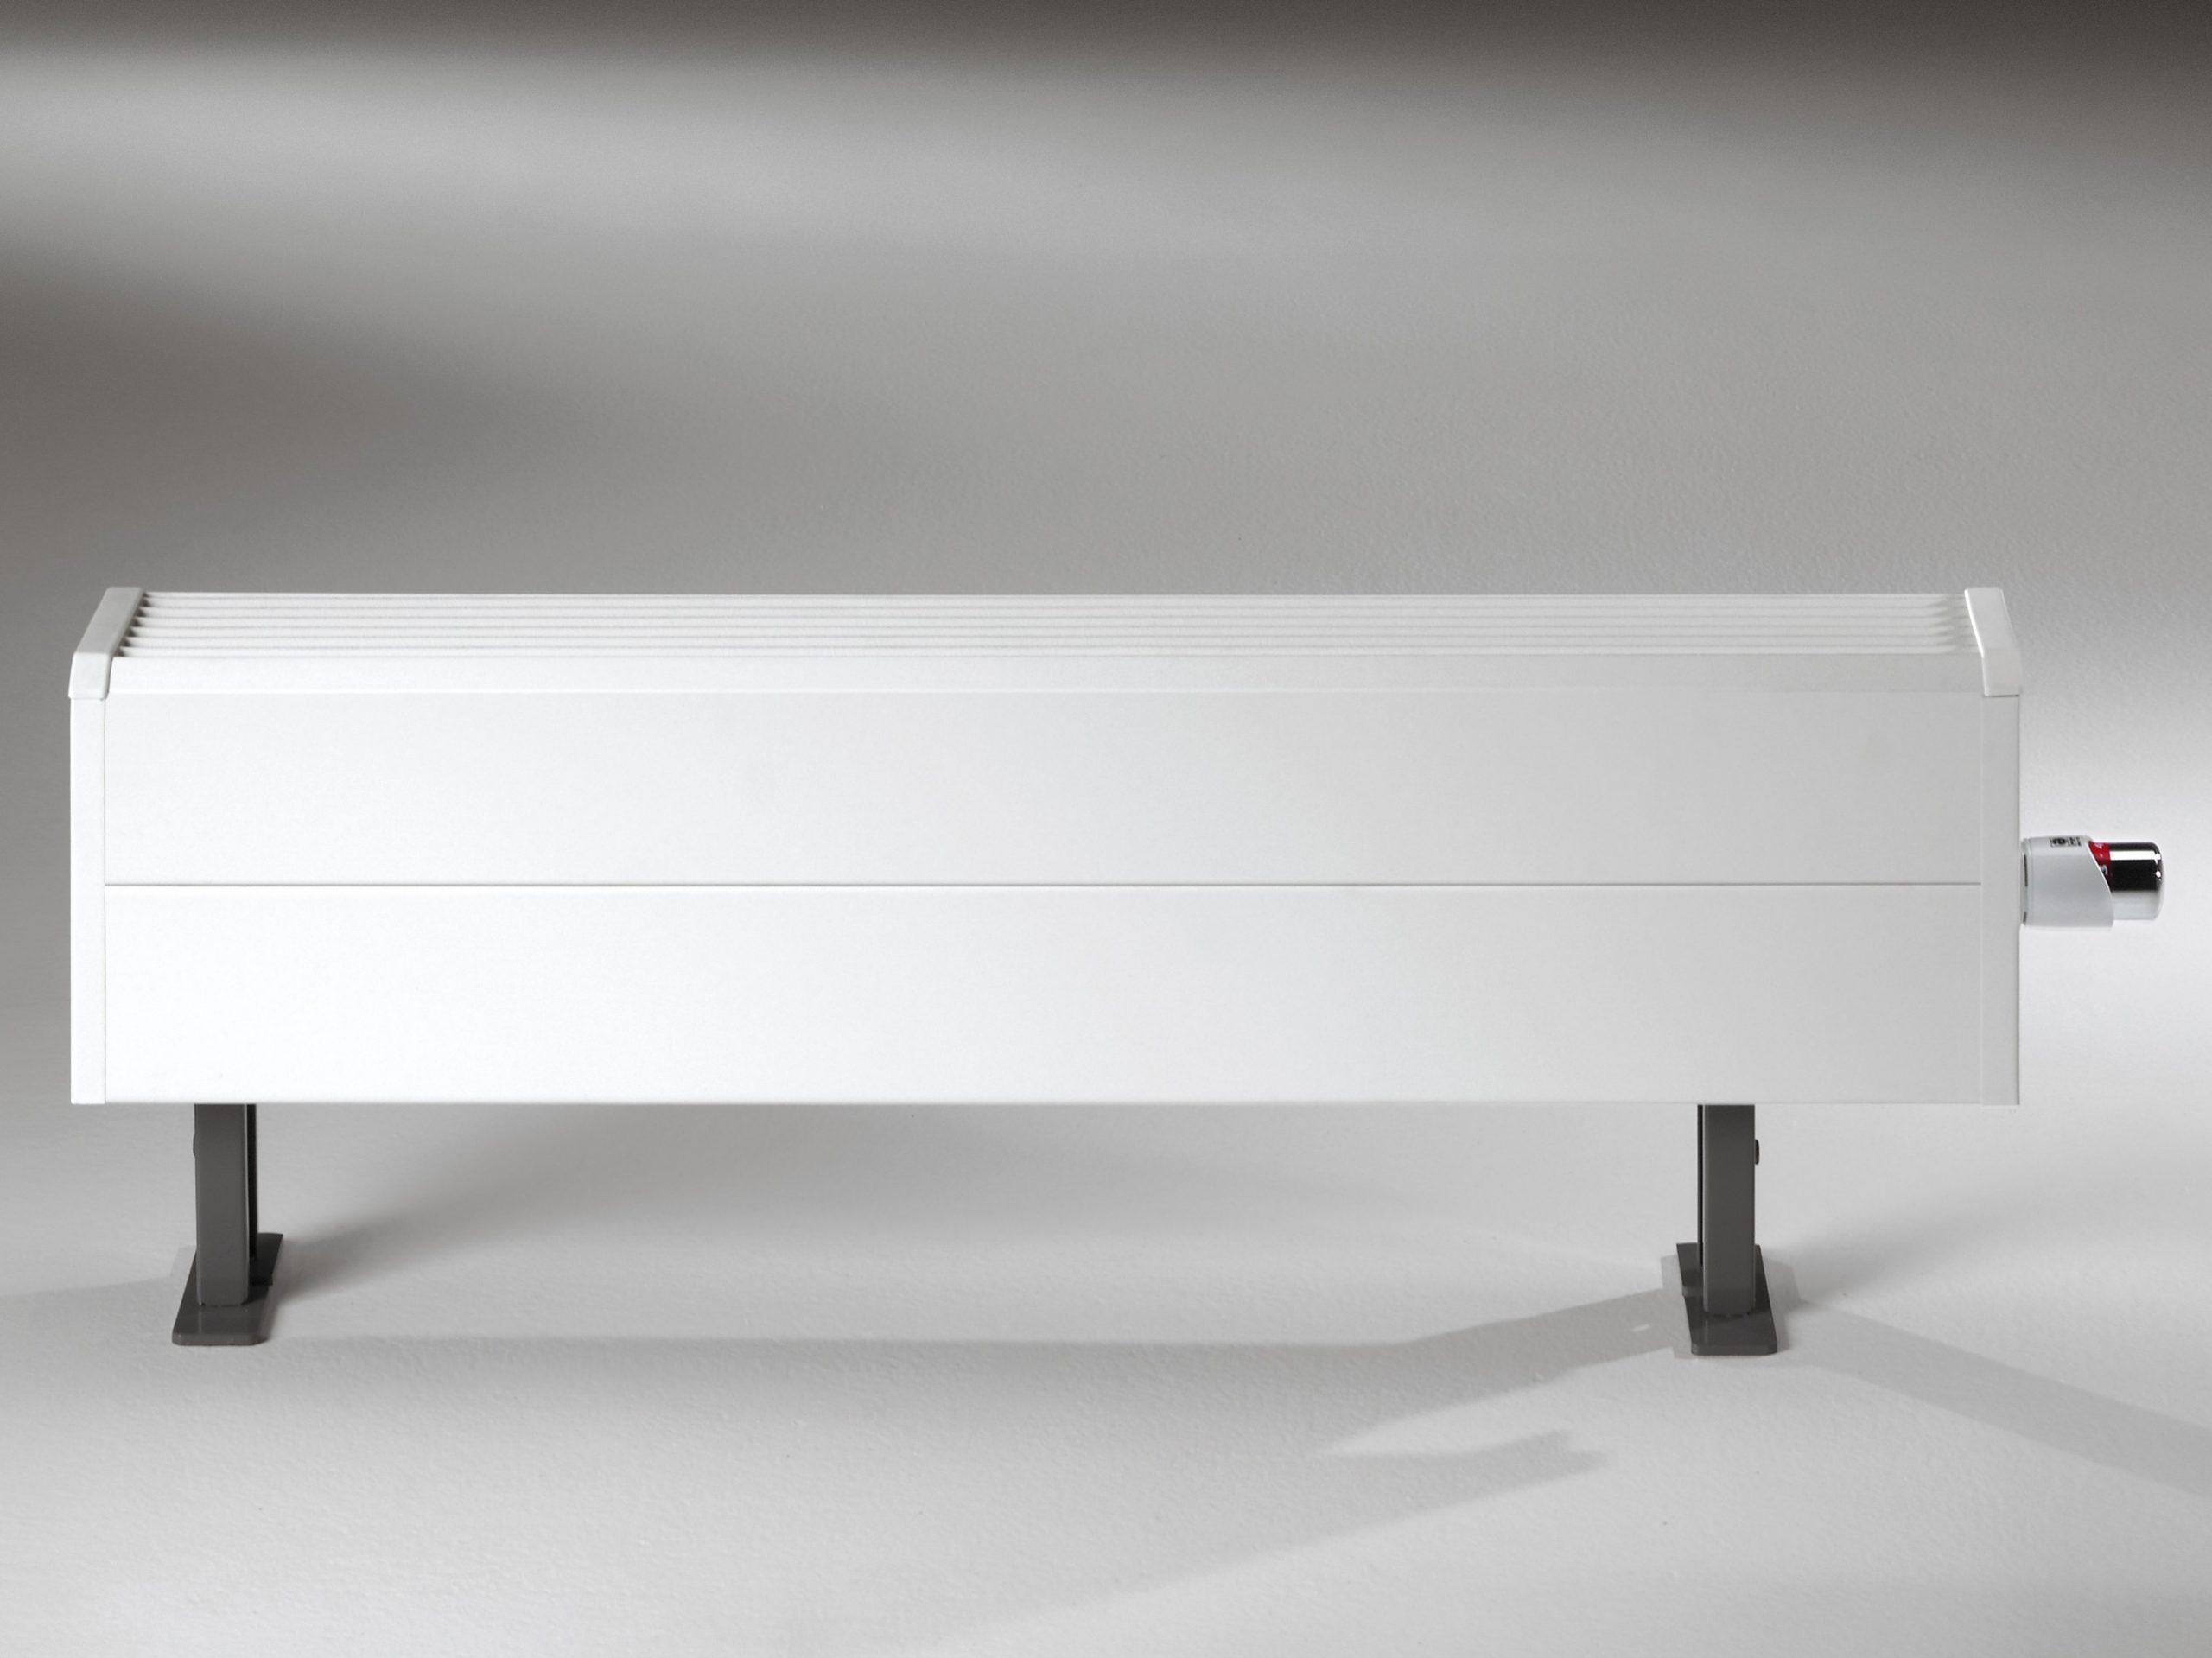 Full Size of Standheizkrper 30 13 Ab 40 Cm 448 Watt Bad Design Heizung Sofa Verkaufen Günstig Kaufen Bett Küche Betten 180x200 Outdoor Ikea Regal Garten Pool Guenstig Wohnzimmer Heizkörper Kaufen